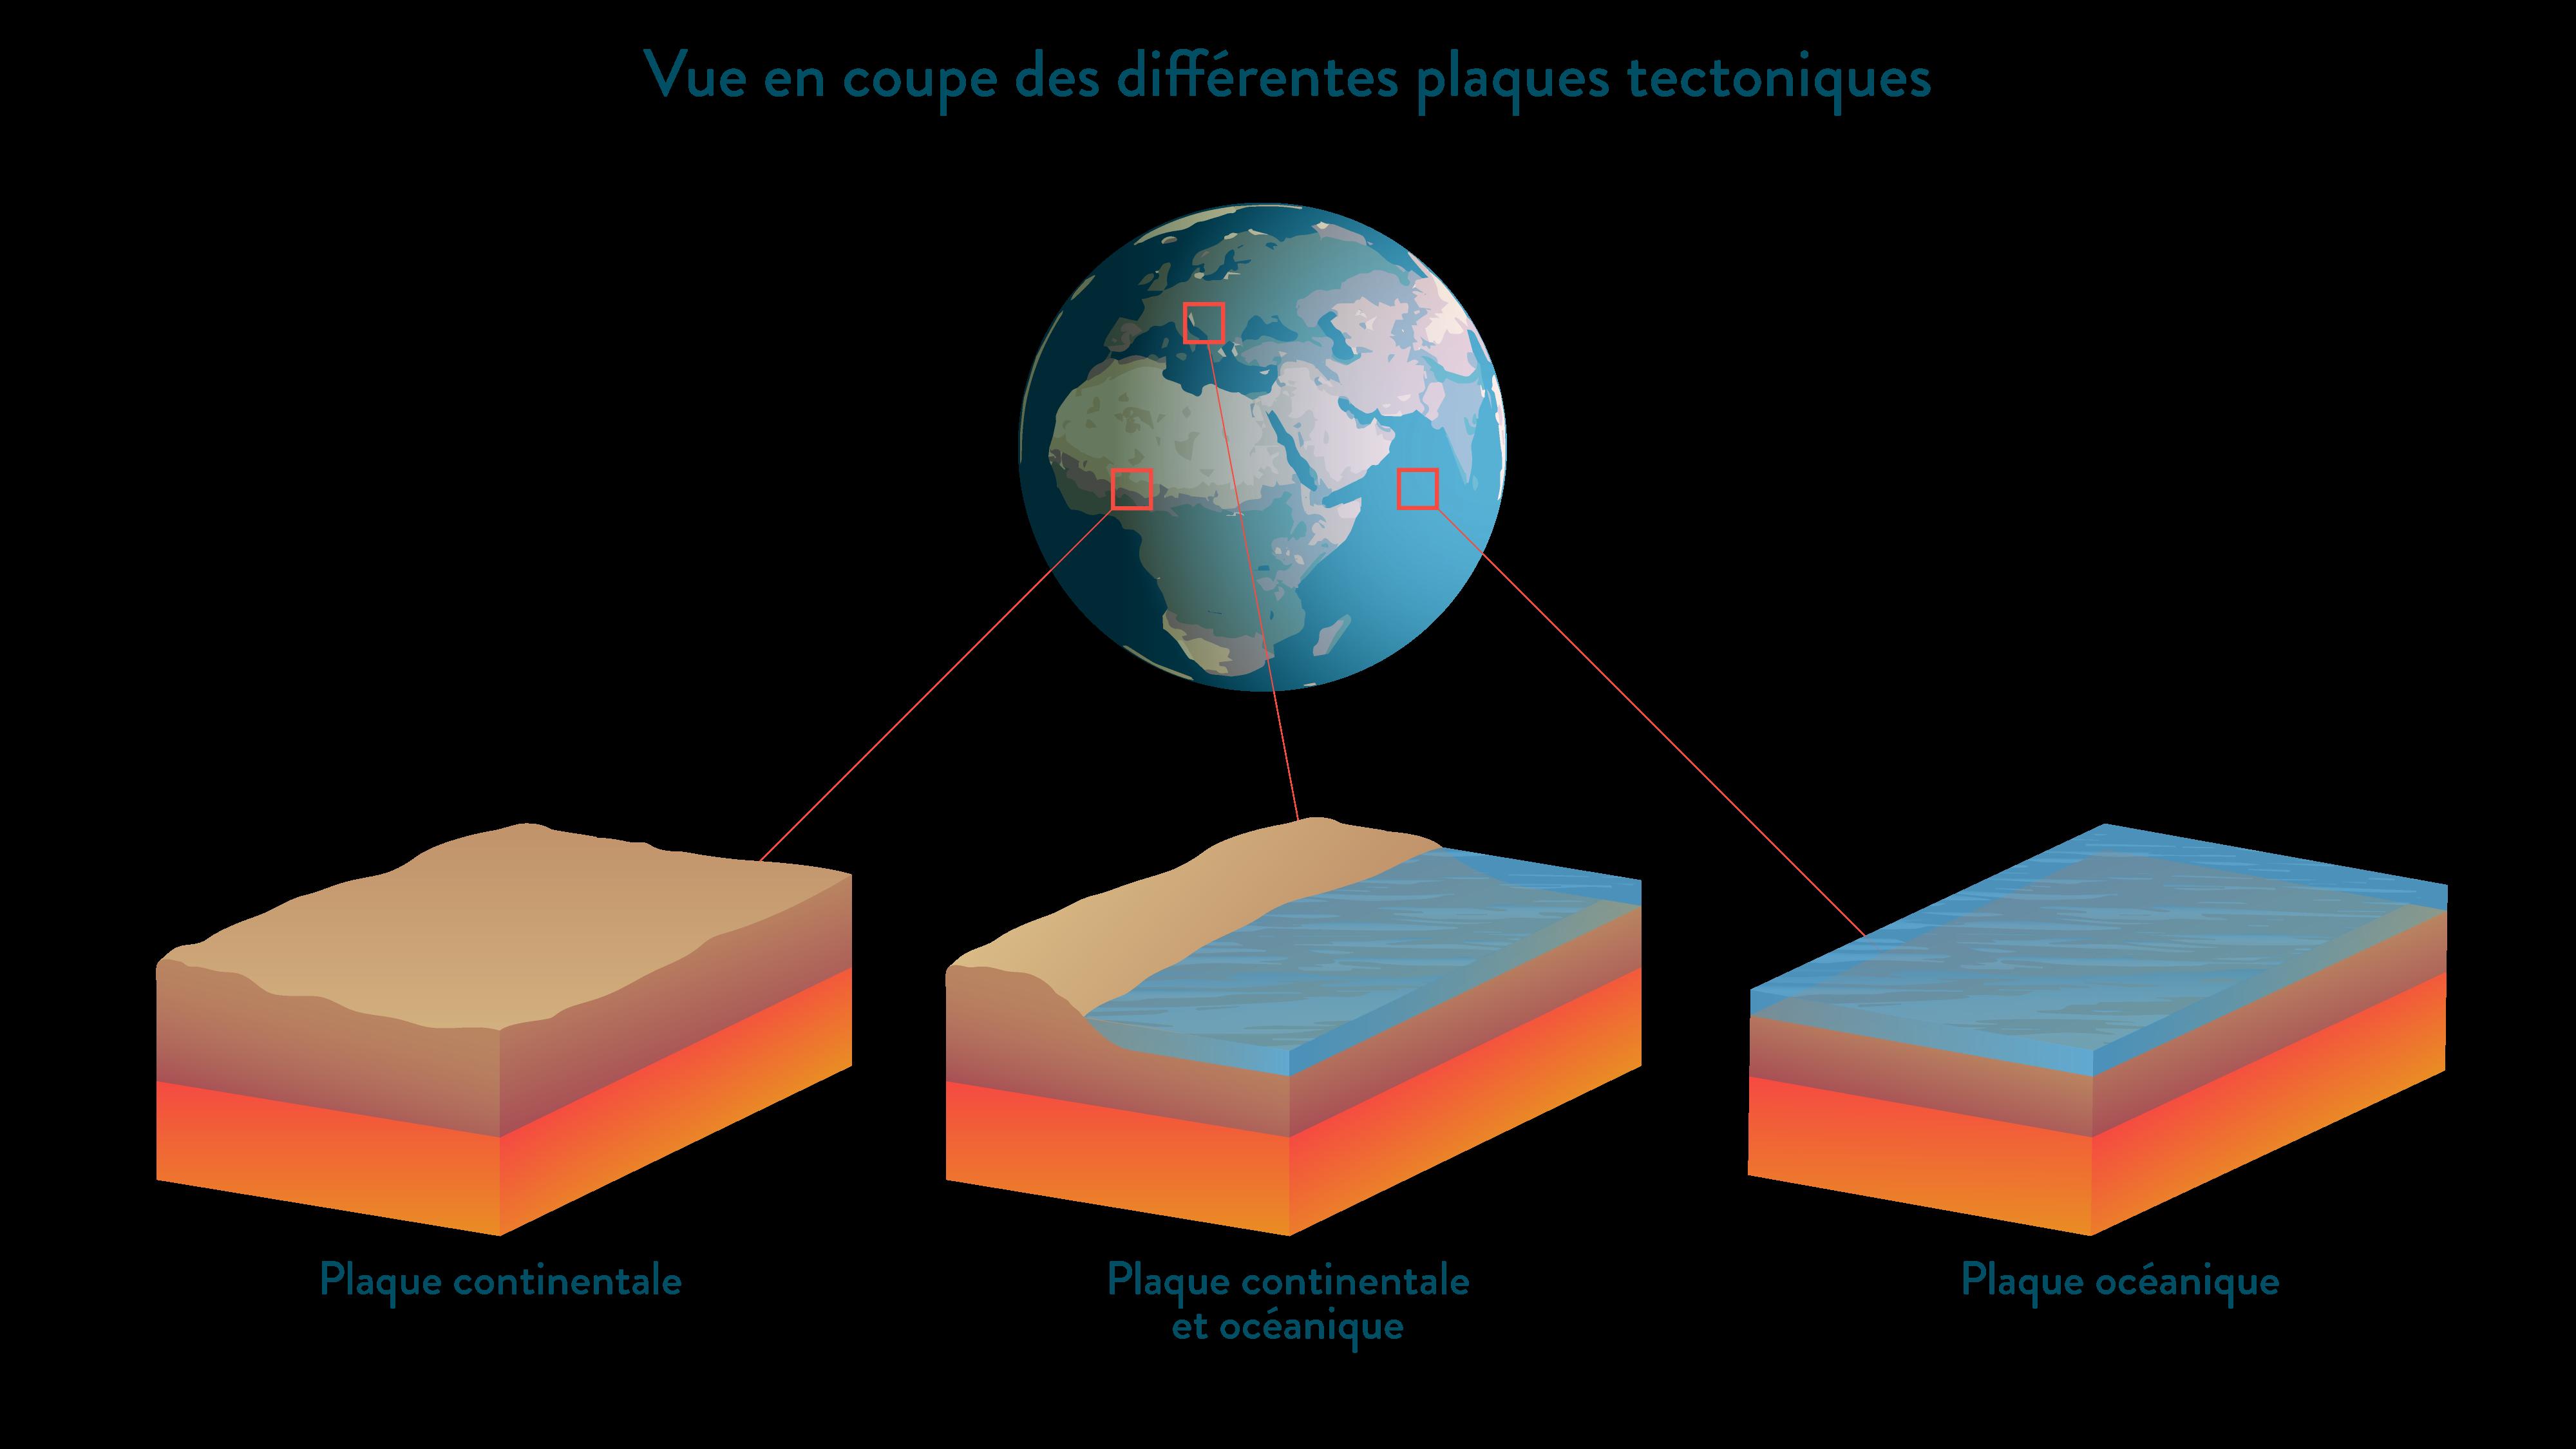 Vue en coupe des différentes plaques tectoniques